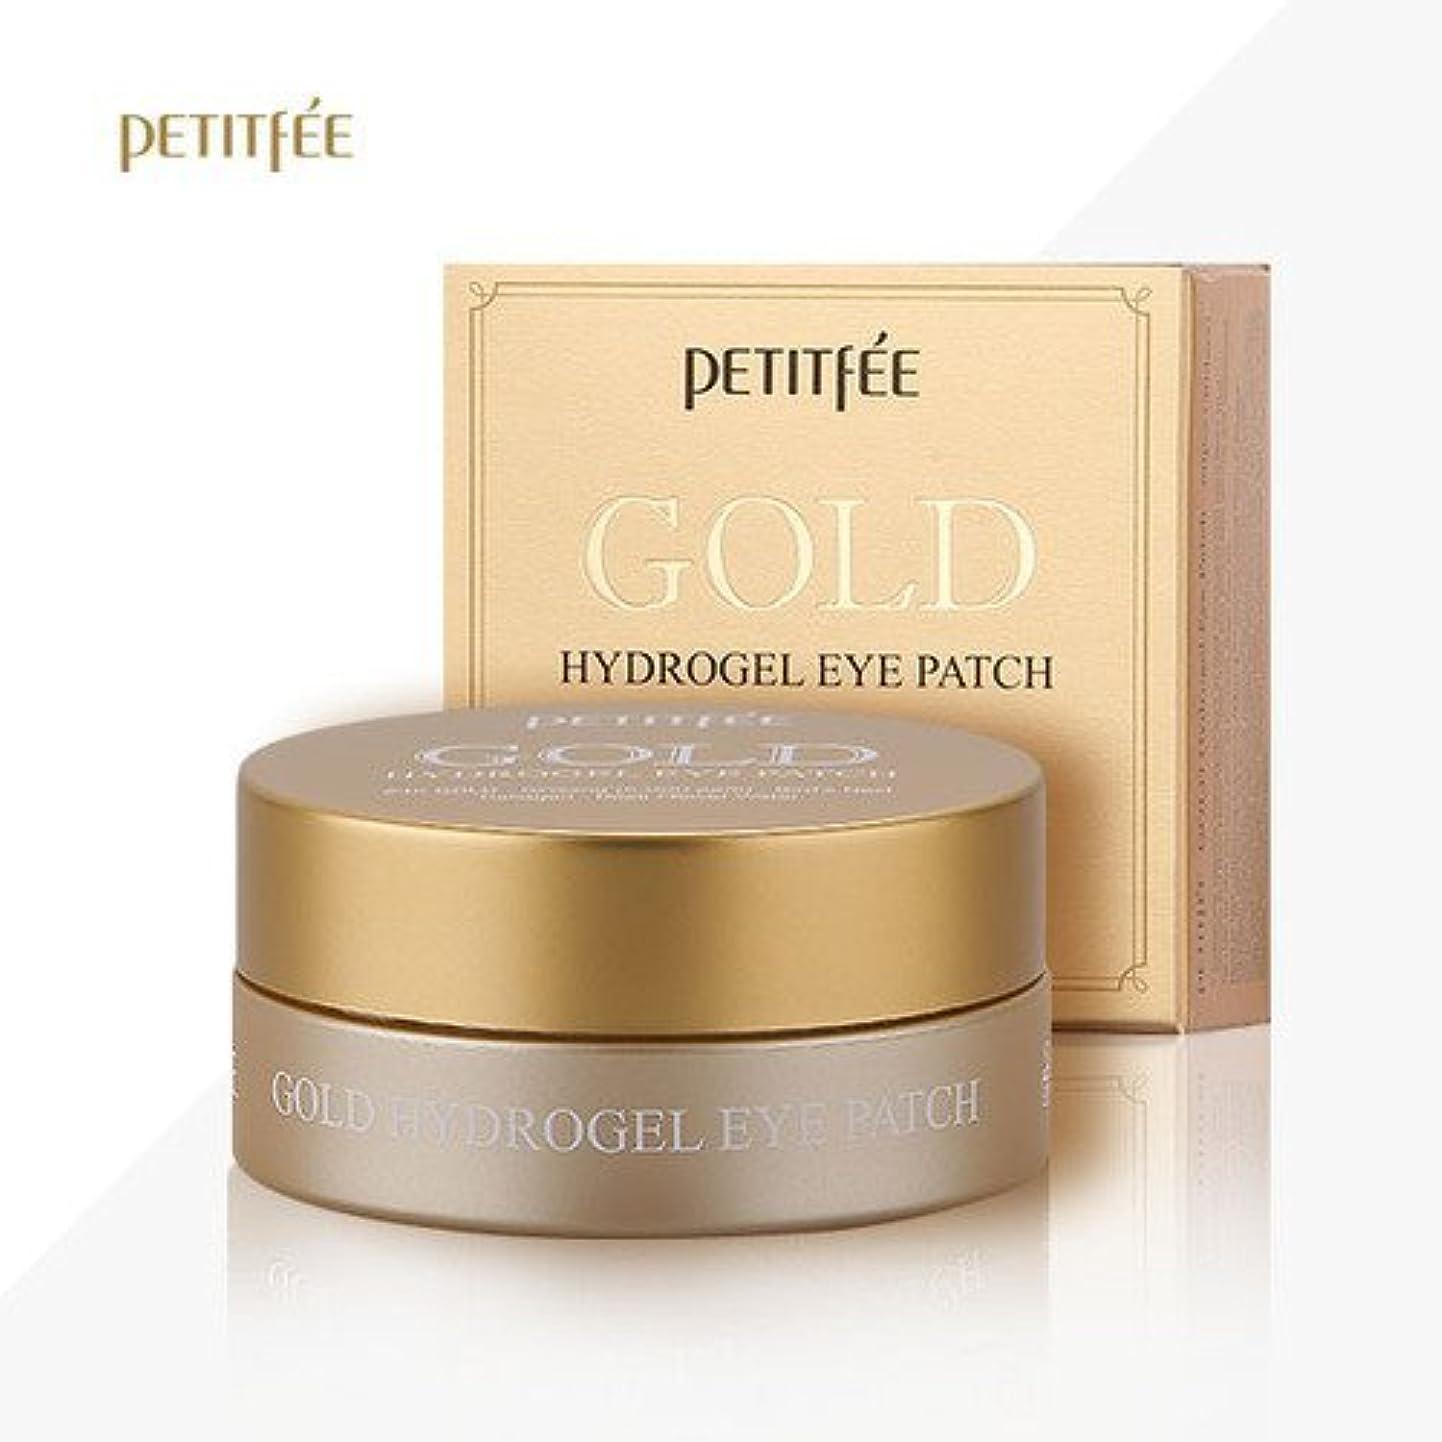 トラップ堂々たるナットPETITFEE(プチペ)ゴールドハイドロゲルアイパチ(60枚)/ Petitfee Gold Hydrogel Eye Patch (60Sheets) [並行輸入品]